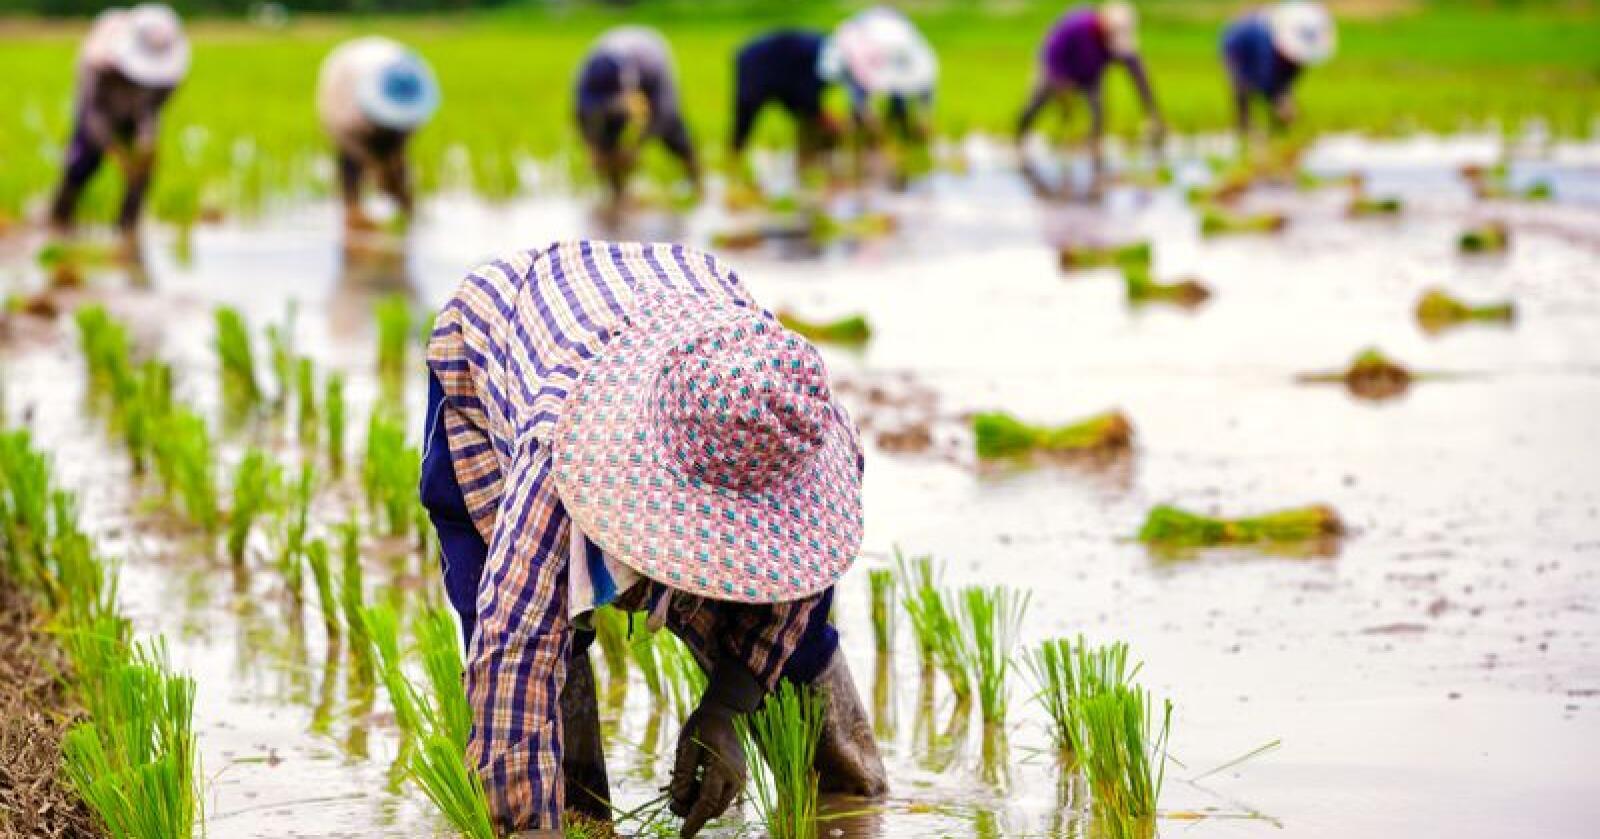 Over 90 prosent av alle gårder i verden, er familiedrevne. FN vil i en ny tiårsplan styrke småskalabønder både lokalt, nasjonalt og internasjonalt. Illustrasjonsfoto: Patrick Foto